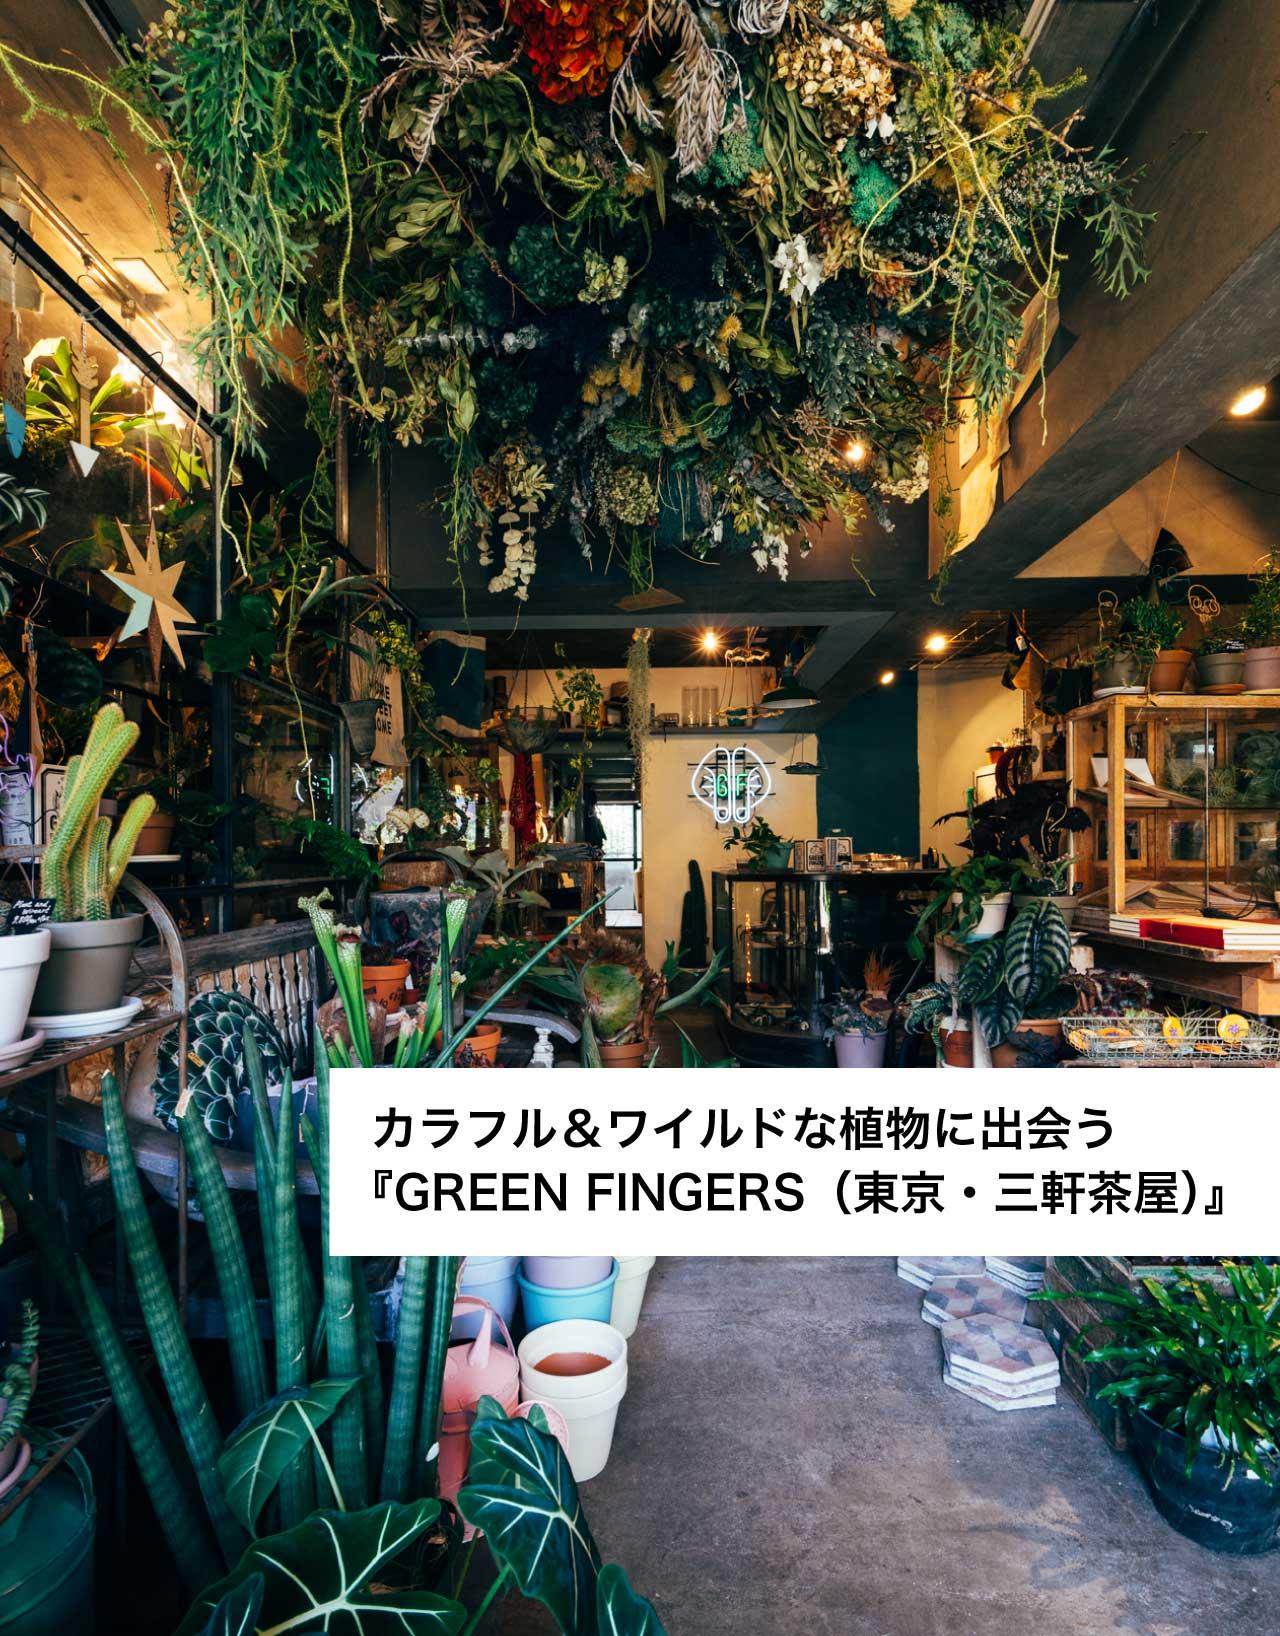 カラフル&ワイルドな植物に出会う『GREEN FINGERS(東京・三軒茶屋)』